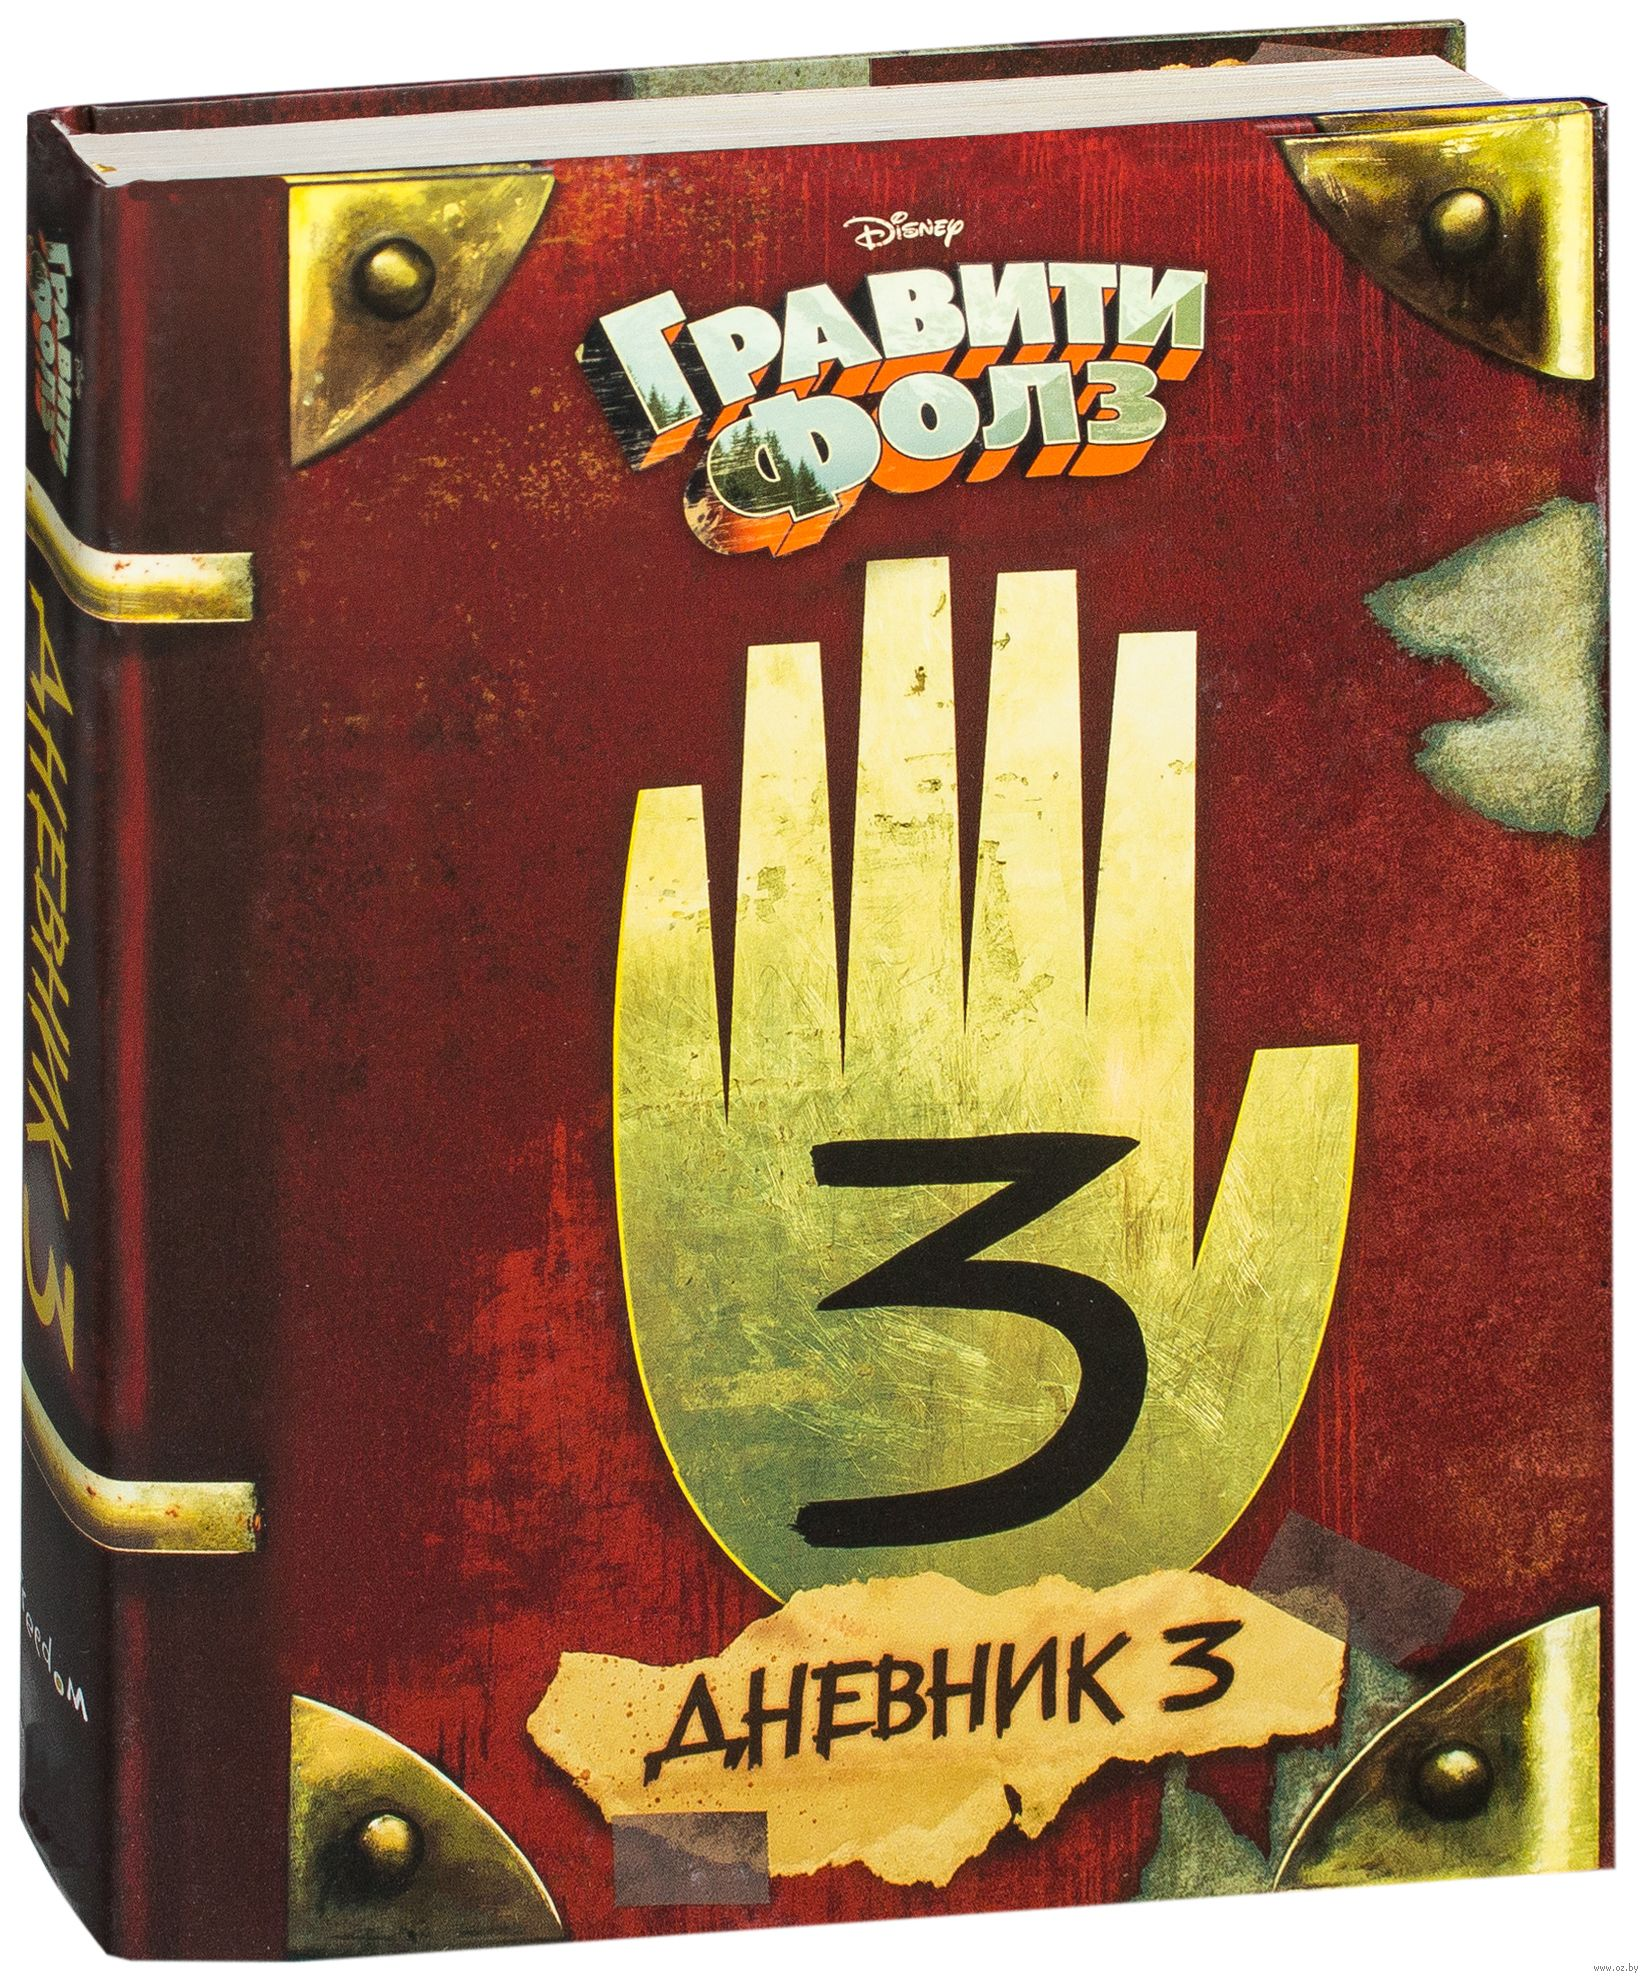 Книга «Гравити Фолз. Дневник 3» Алекс Хирш в продаже на OZ.by, купить детские книги комиксов по выгодным ценам в Минске